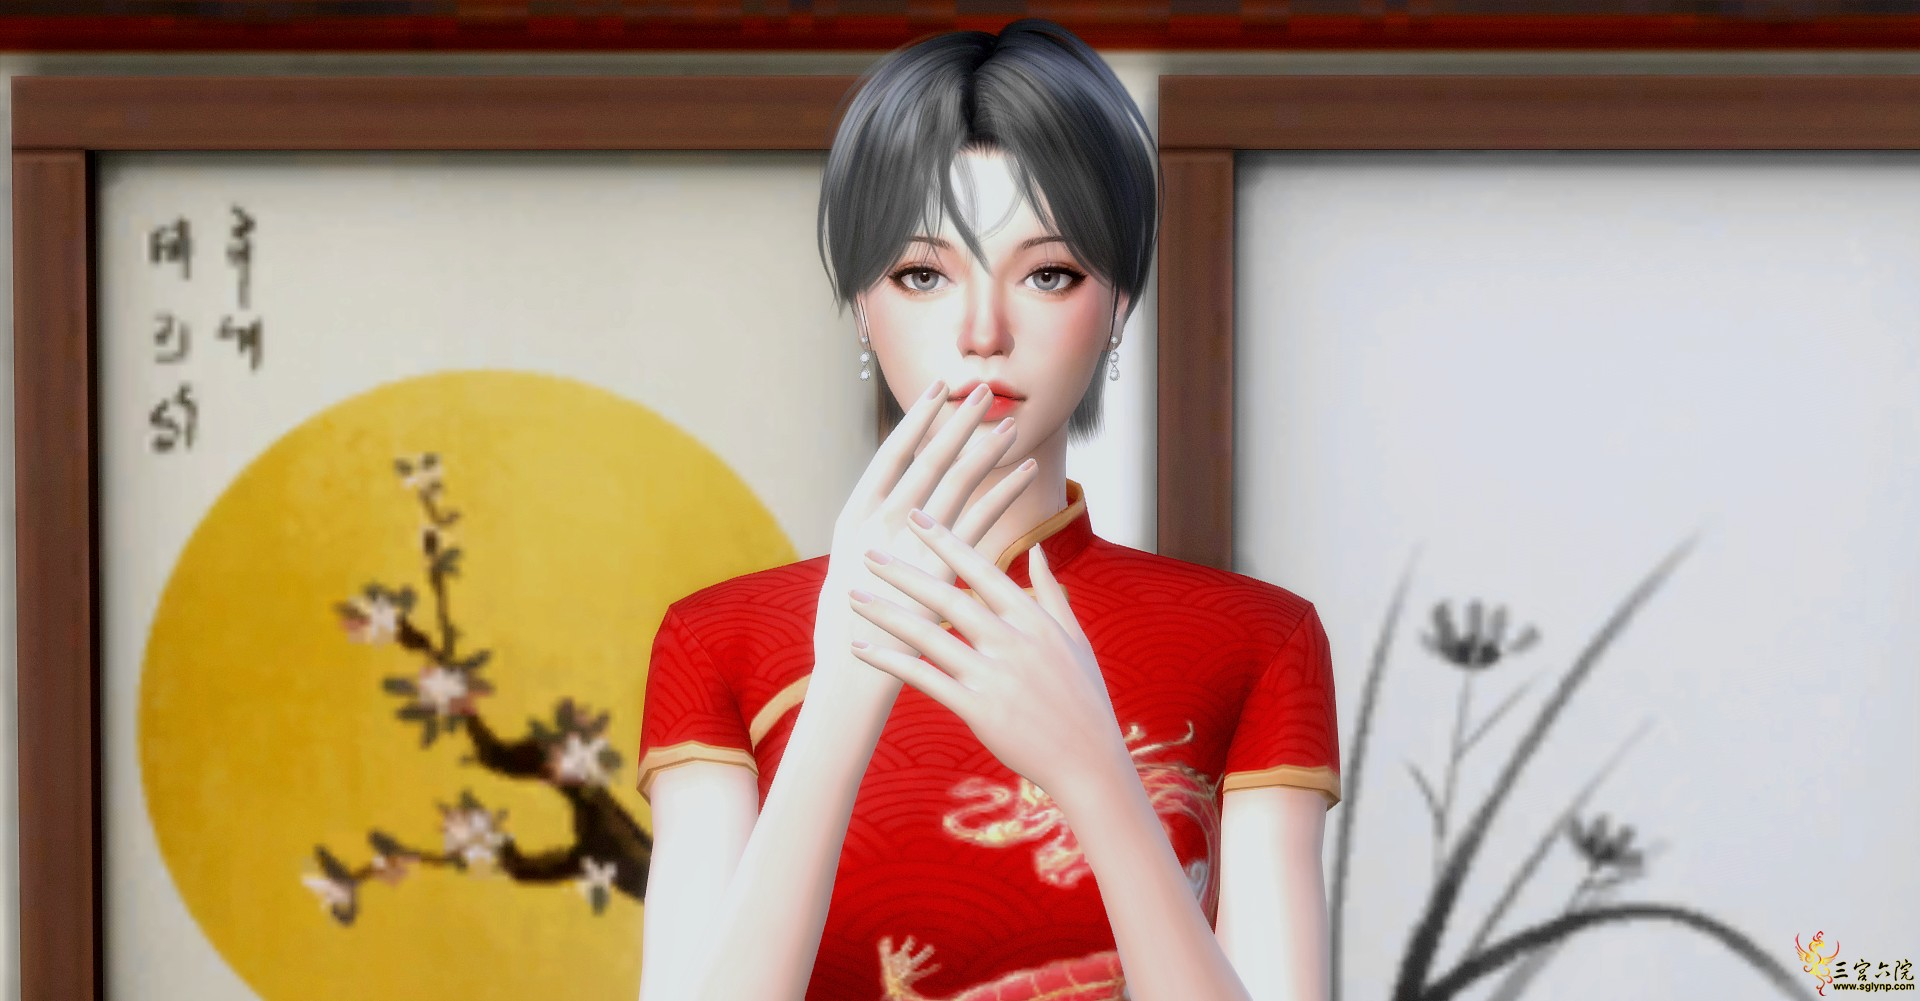 Sims 4 Screenshot 2021.02.24 - 00.42.12.27.png